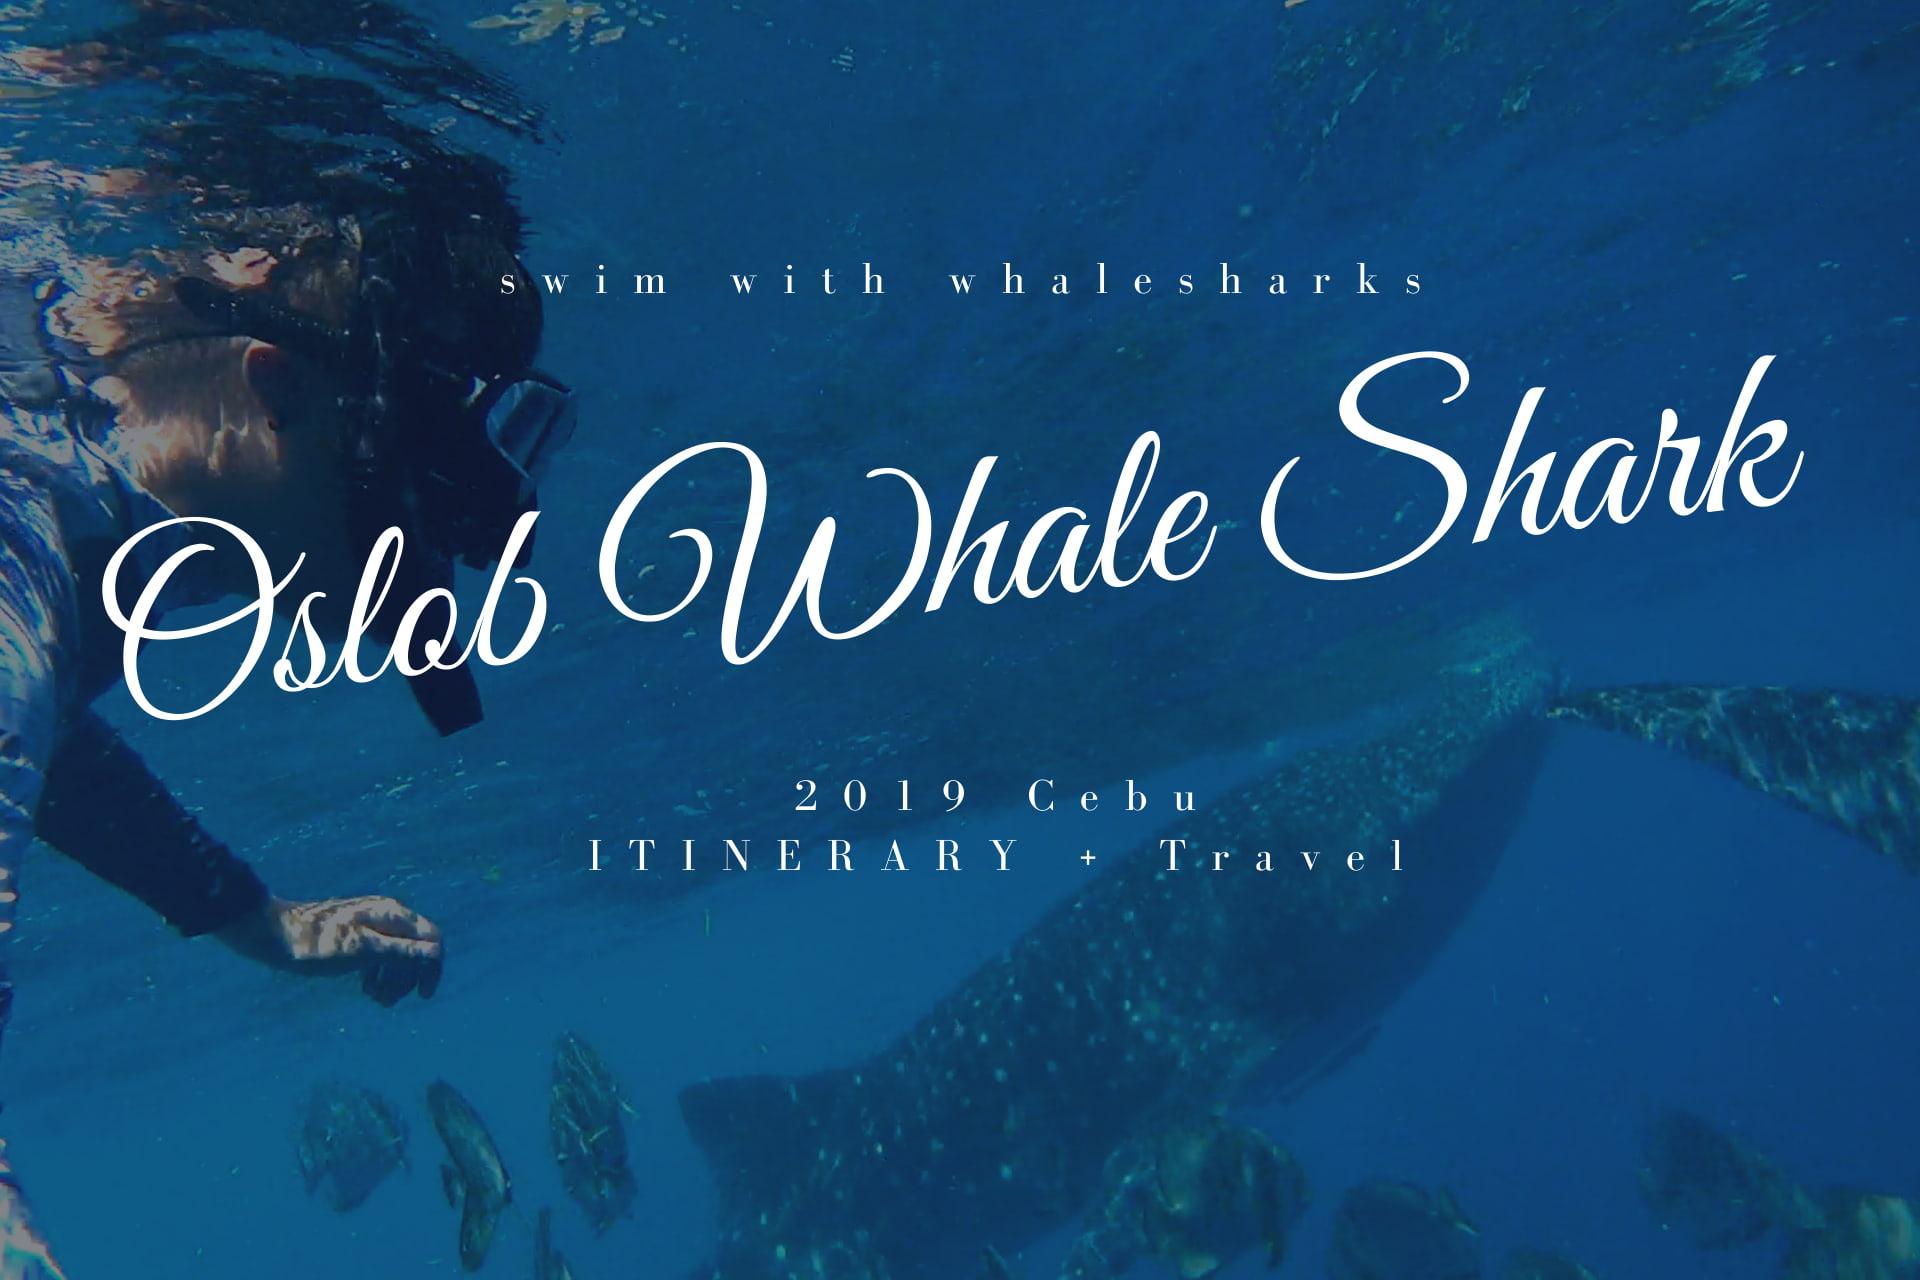 Oslob賞鯨鯊